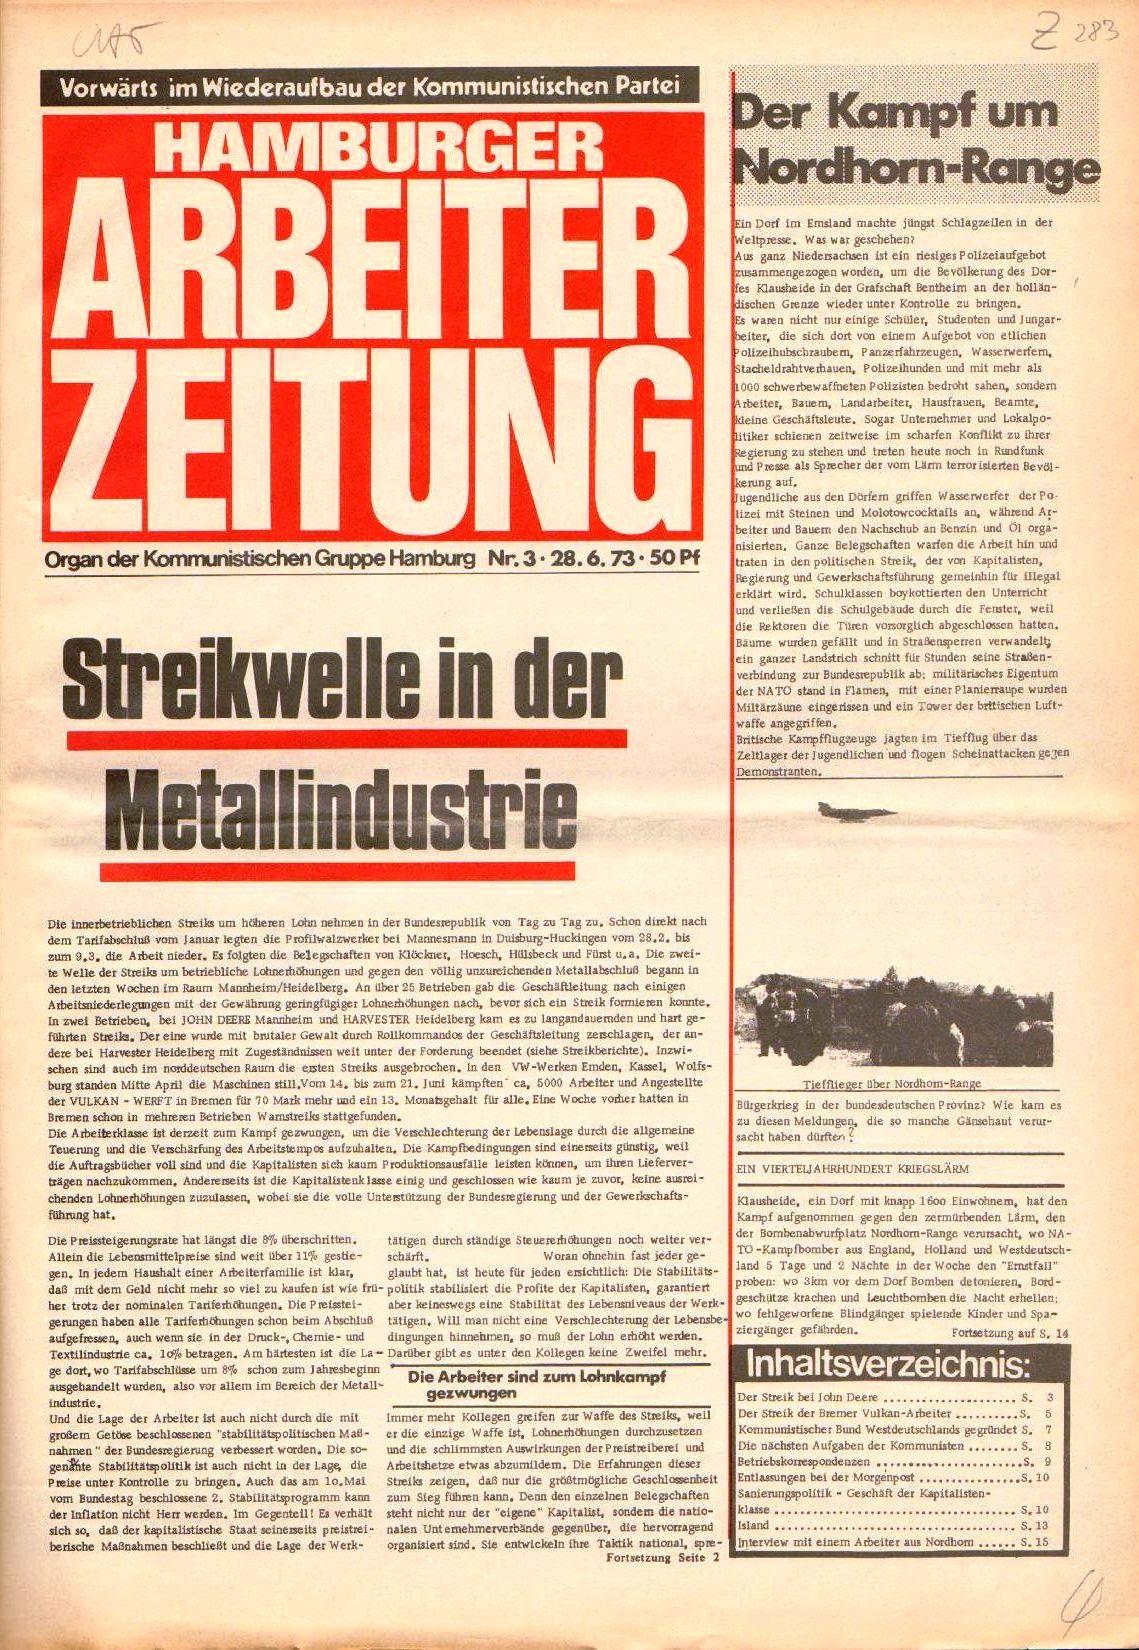 Hamburger_Arbeiterzeitung049